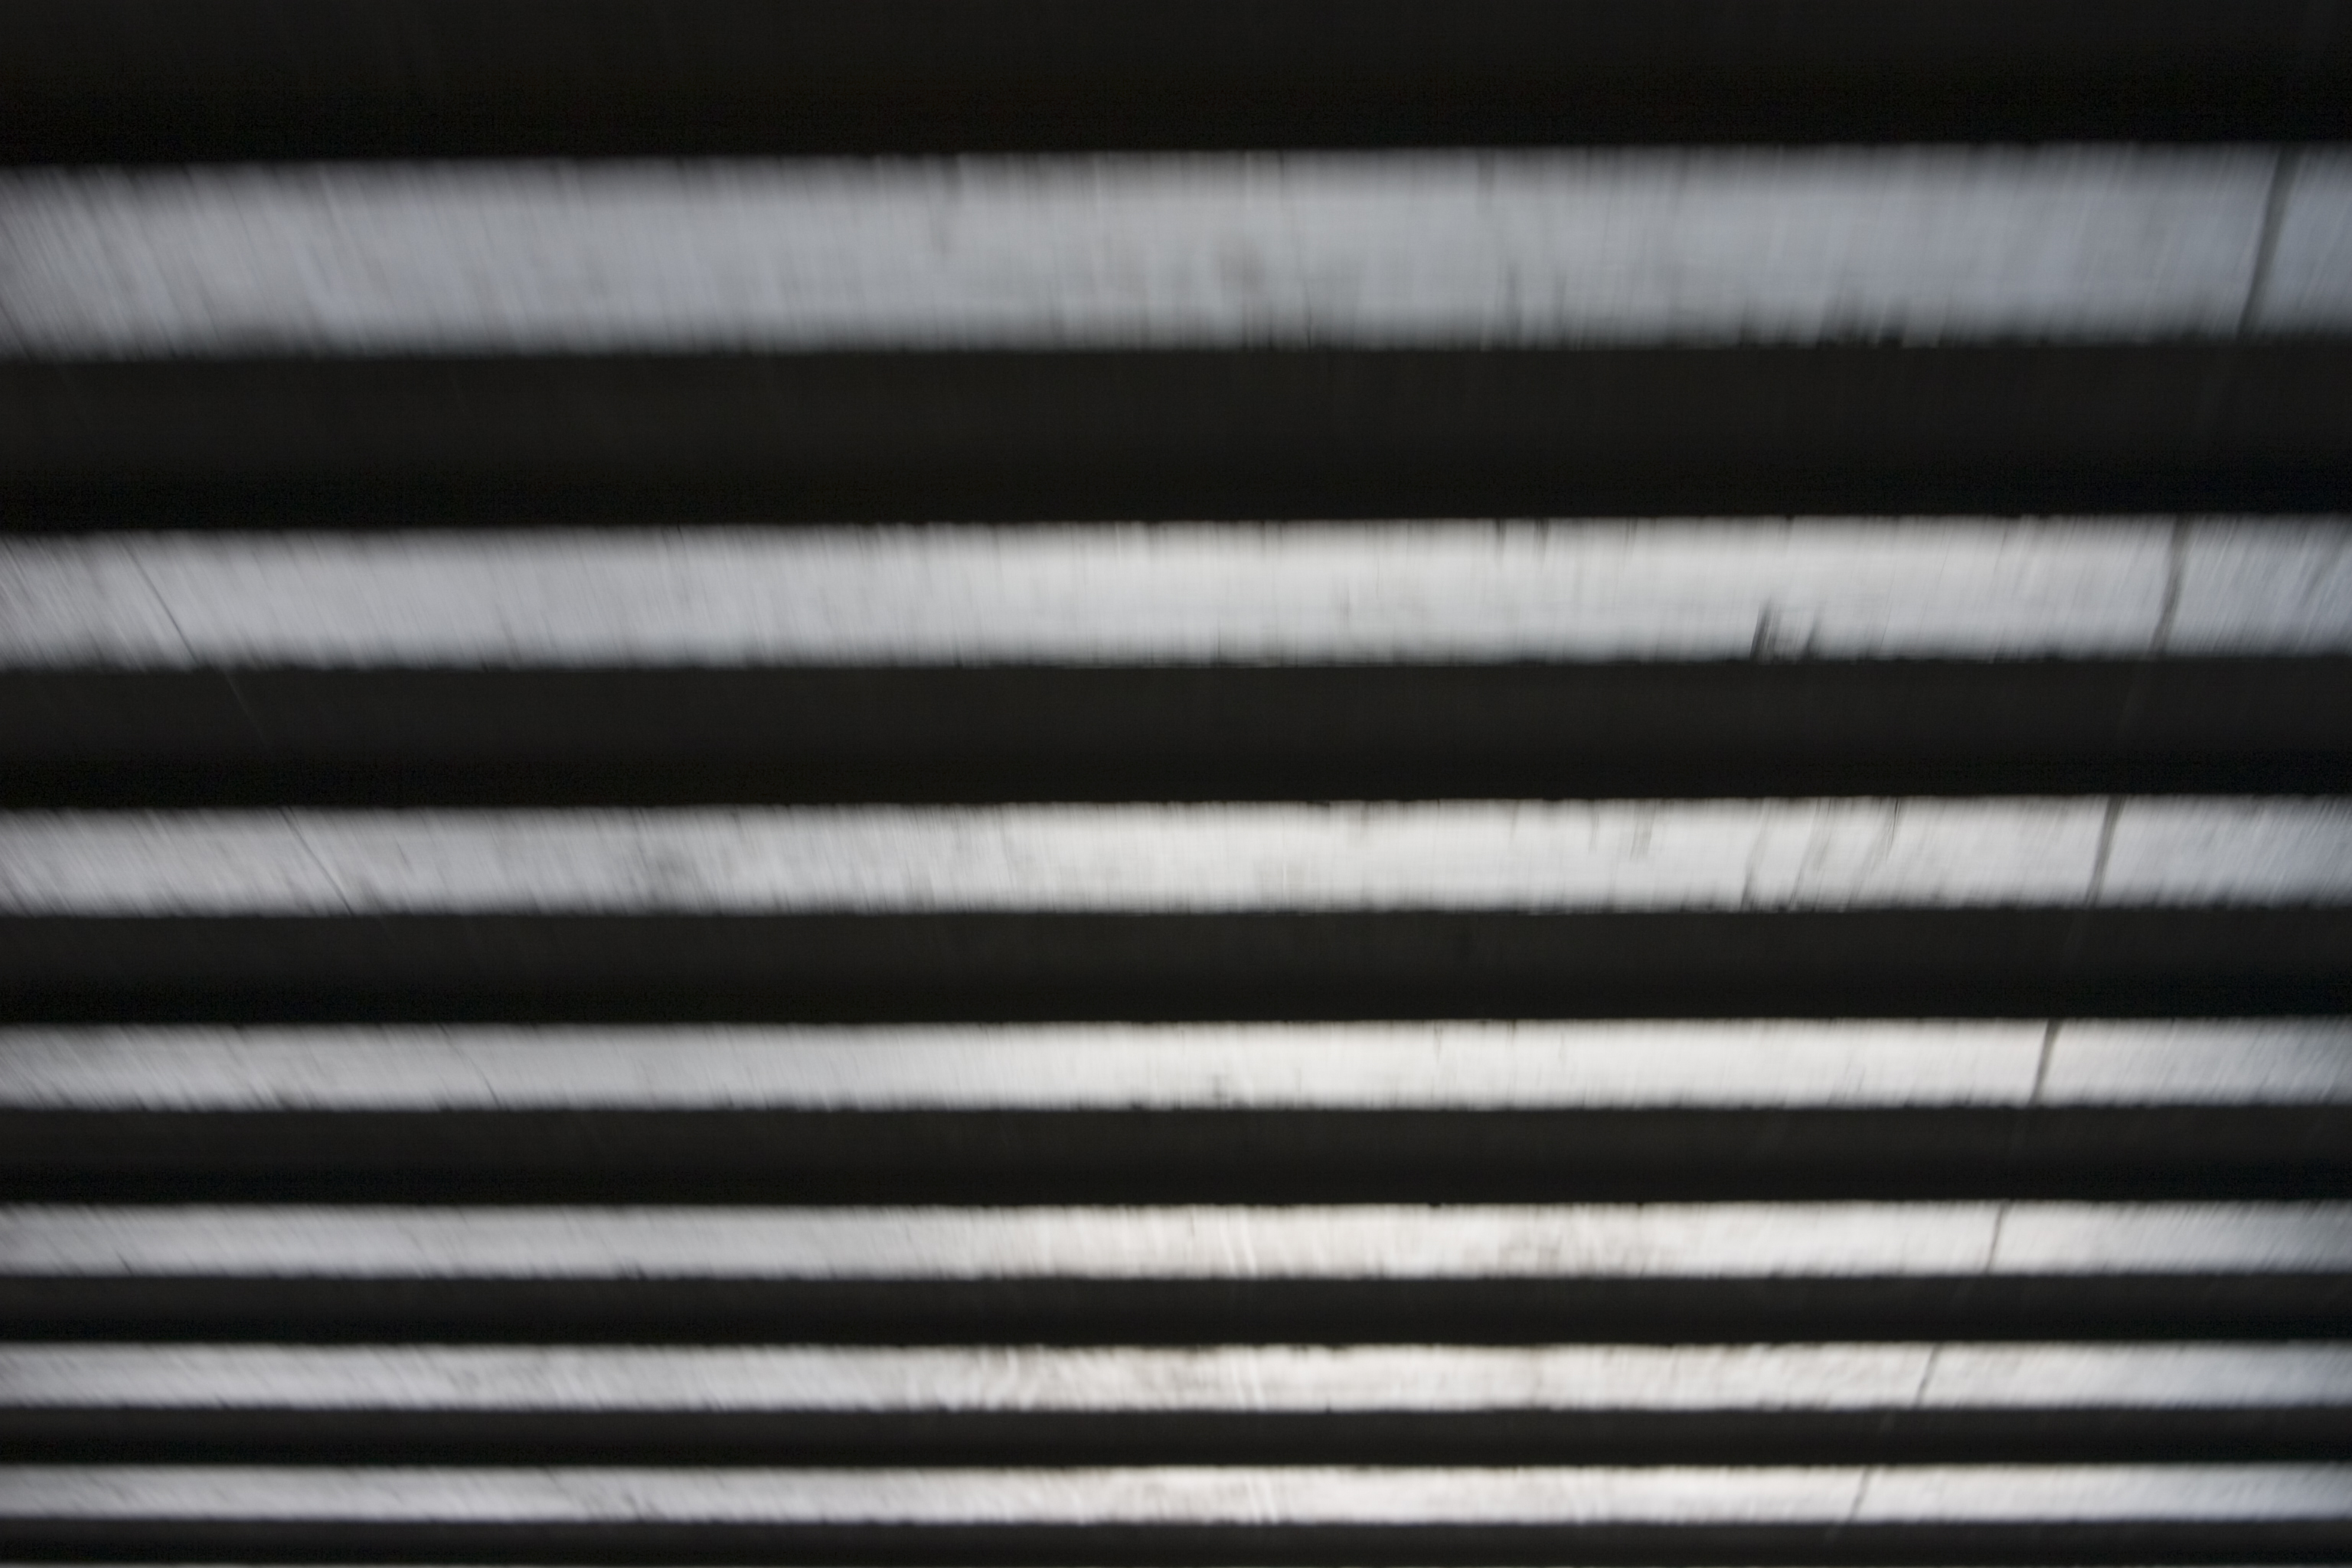 beams speed blur